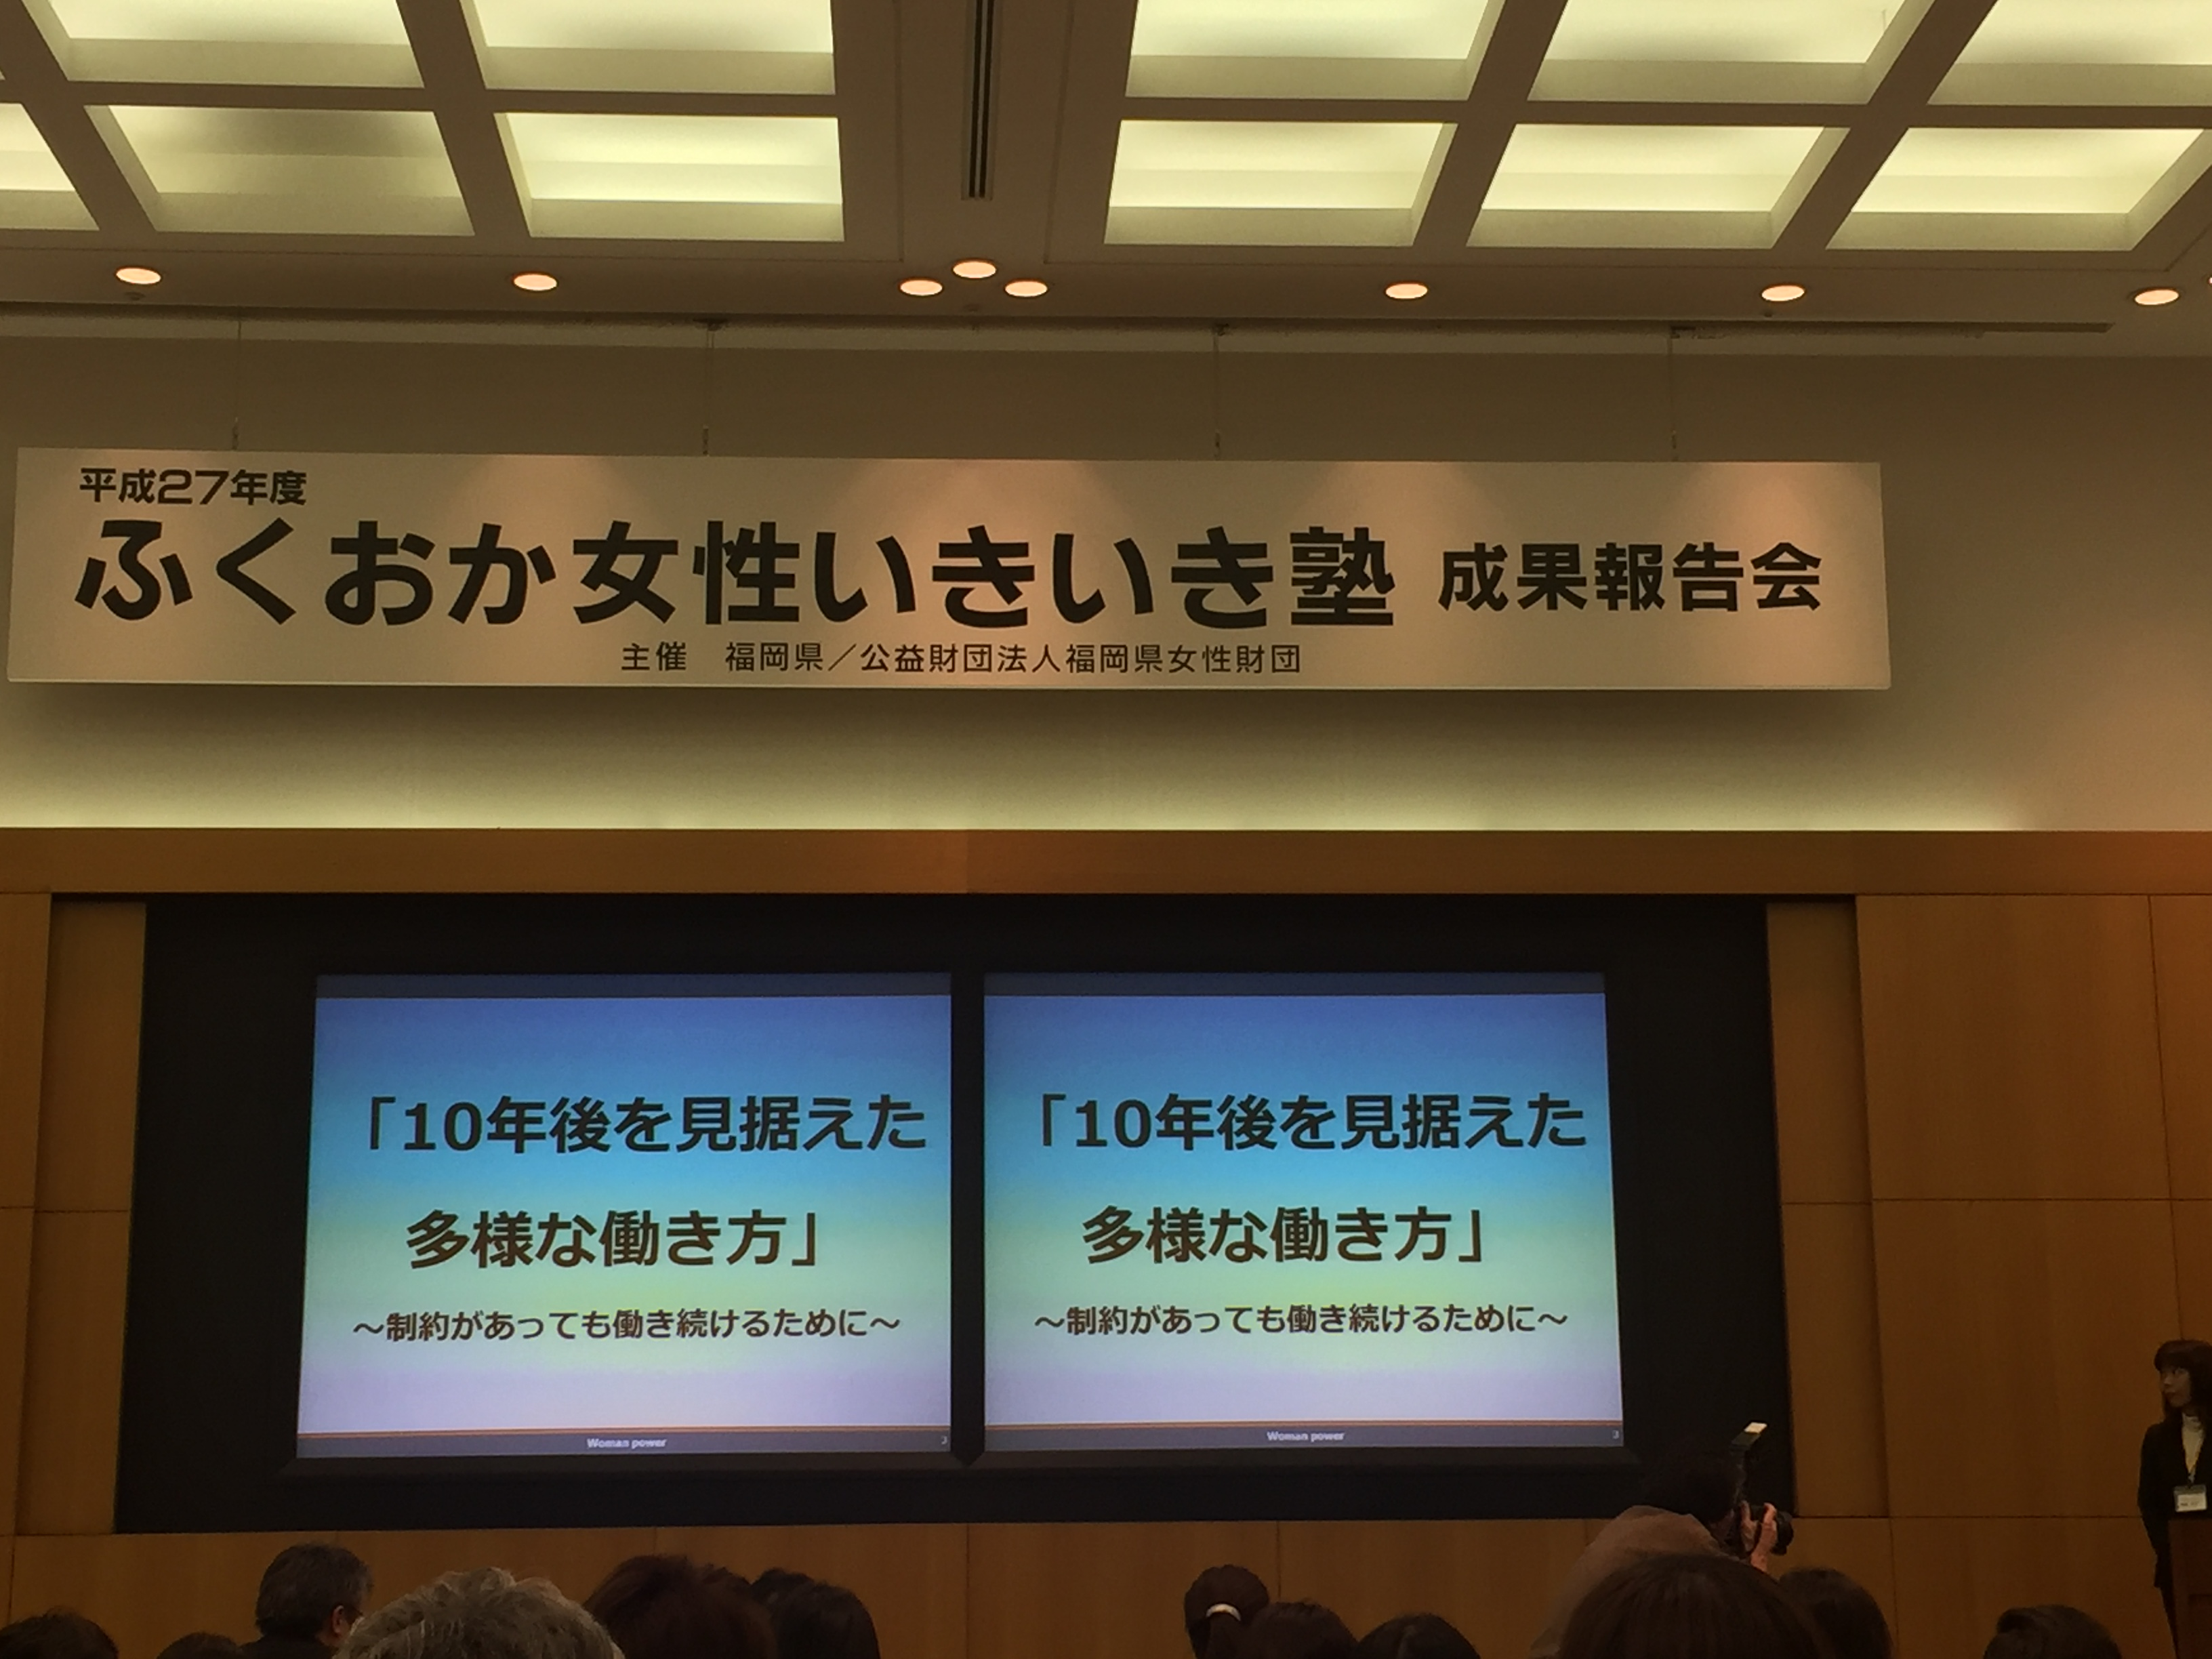 ふくおか女性いきいき塾・成果報告会に参加しました。